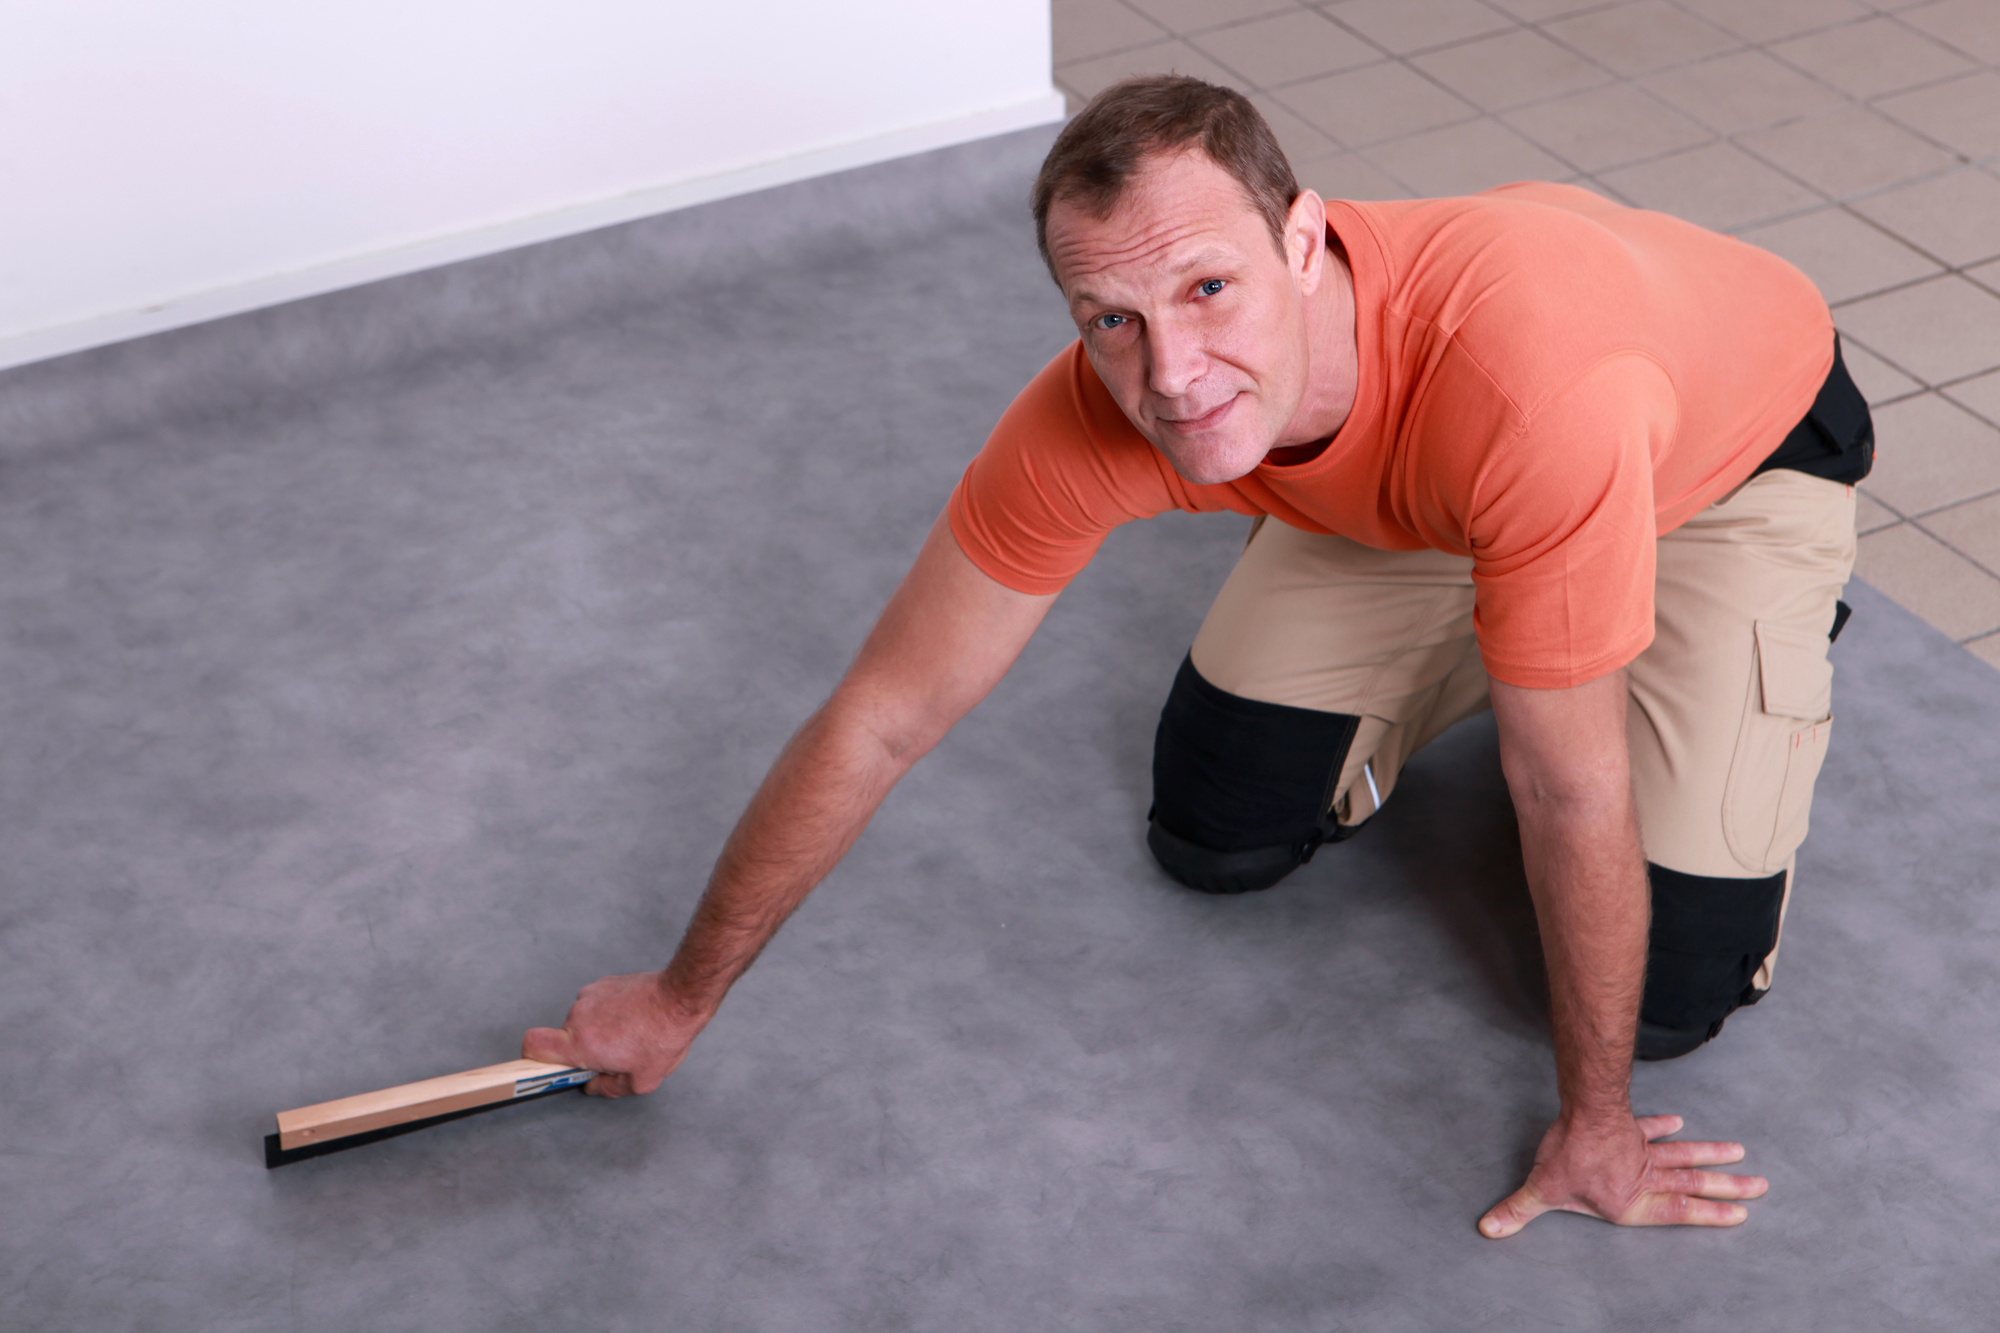 Man installing linoleum flooring